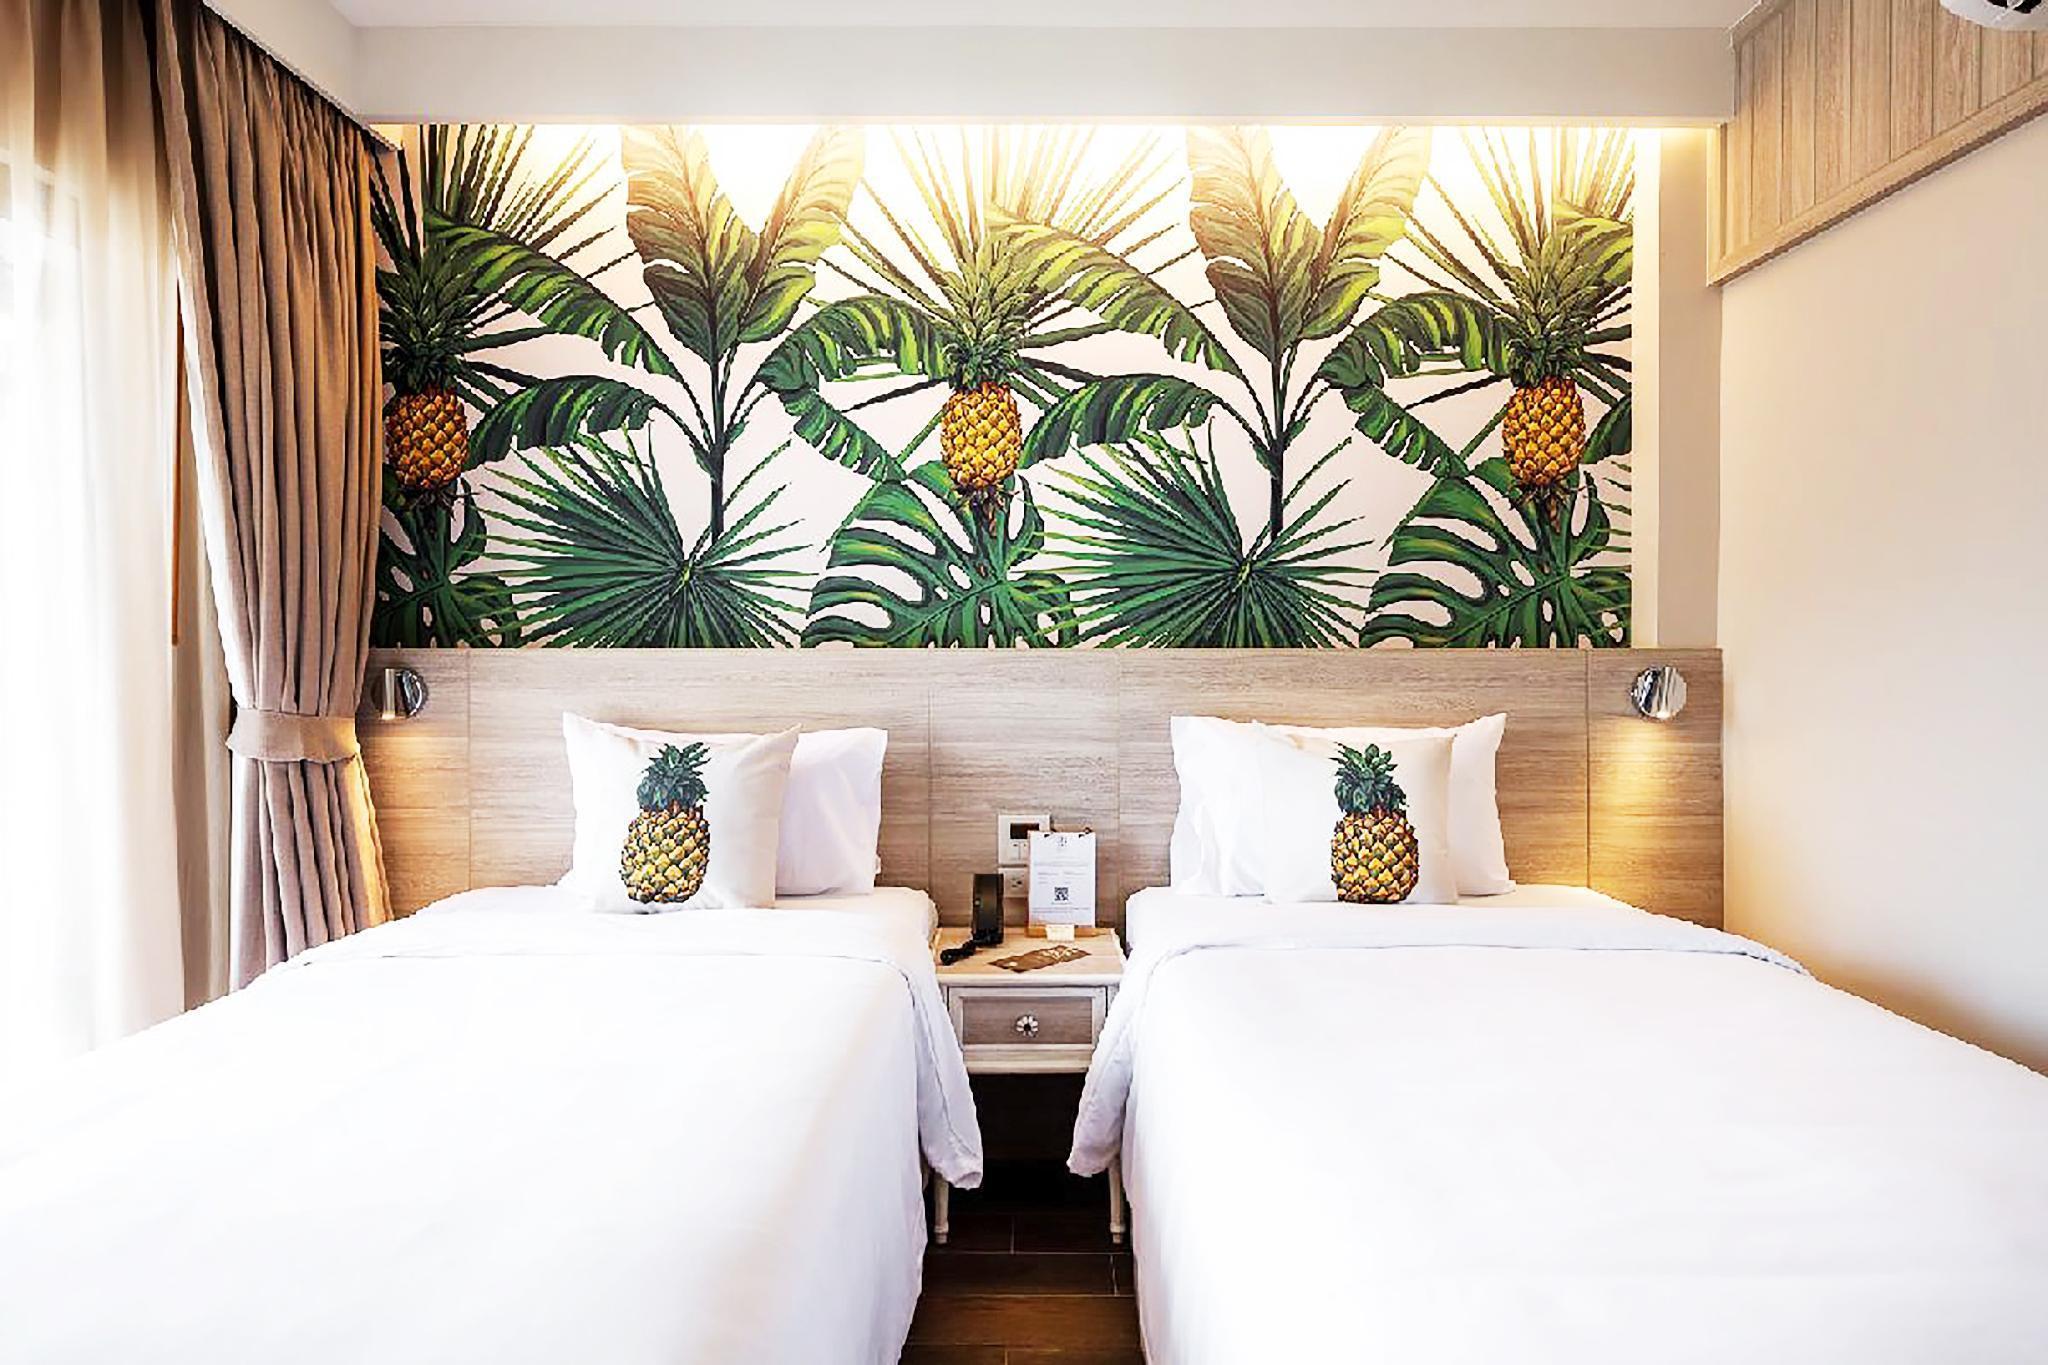 Tropical Escape Resort Studio nearby Patong Beach อพาร์ตเมนต์ 1 ห้องนอน 1 ห้องน้ำส่วนตัว ขนาด 24 ตร.ม. – ป่าตอง